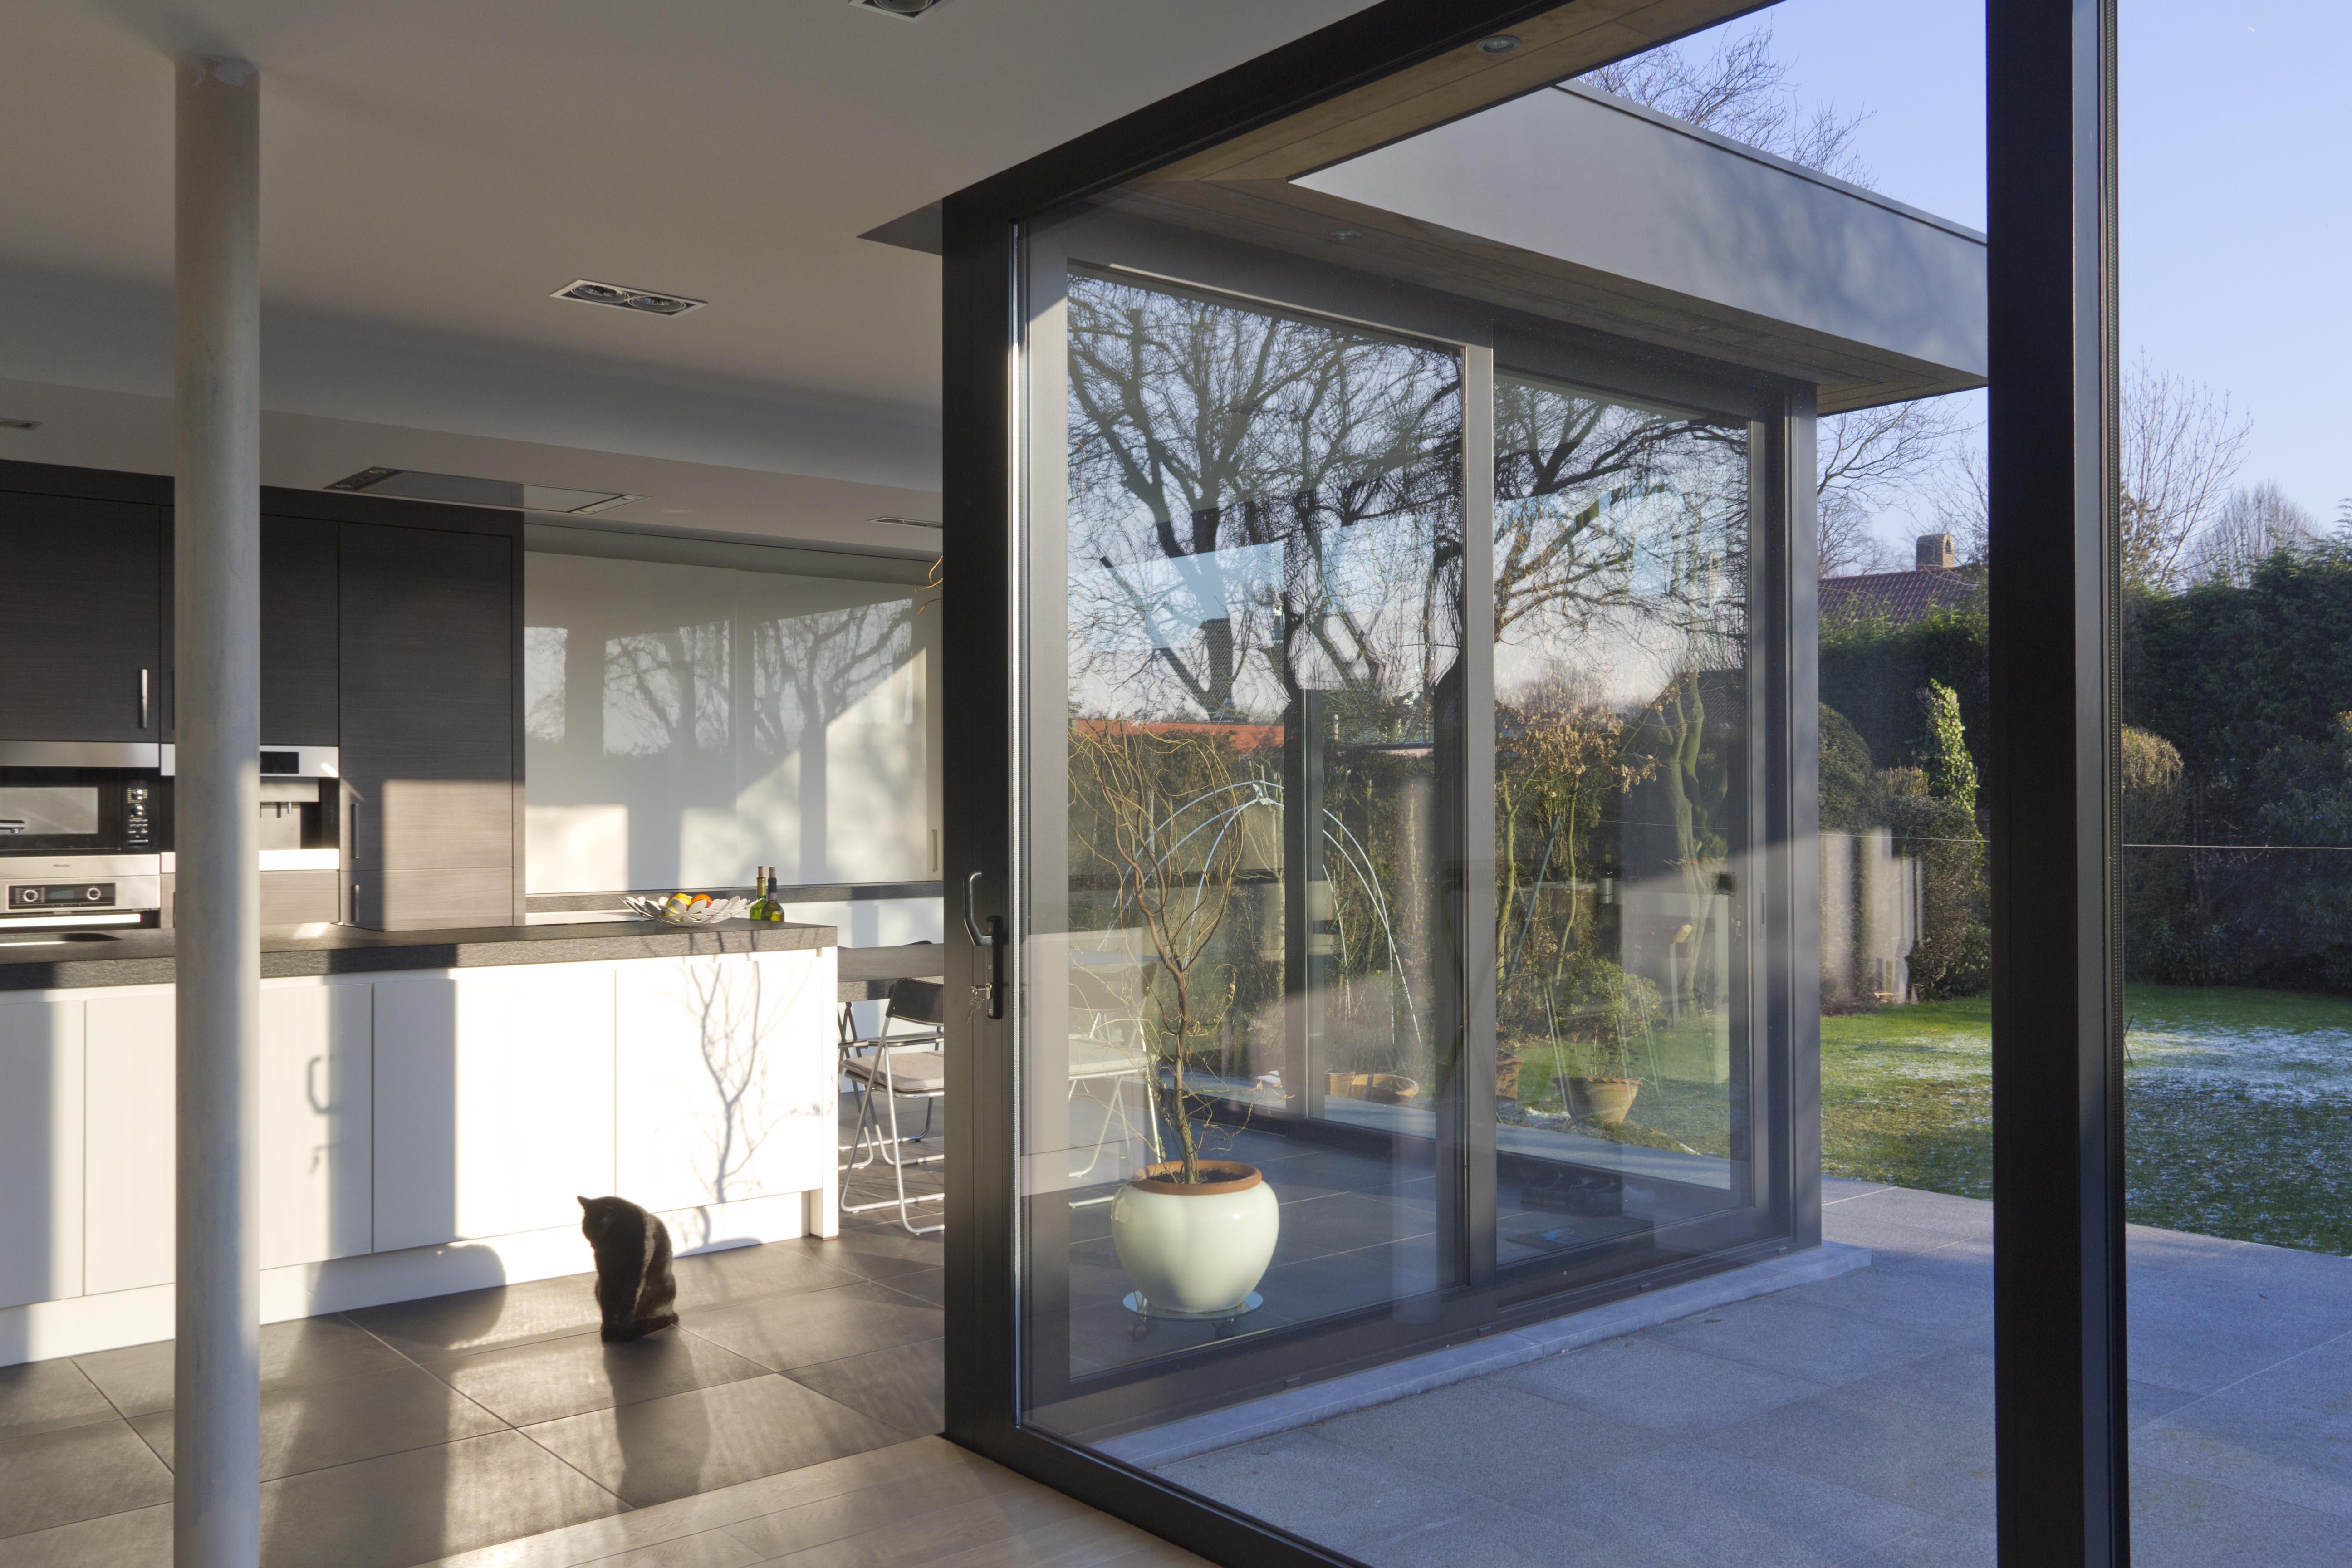 Uptown Witte Keuken : Prefab uitbouw. aanbouw huis kosten uitbouw vergelijk prijzen